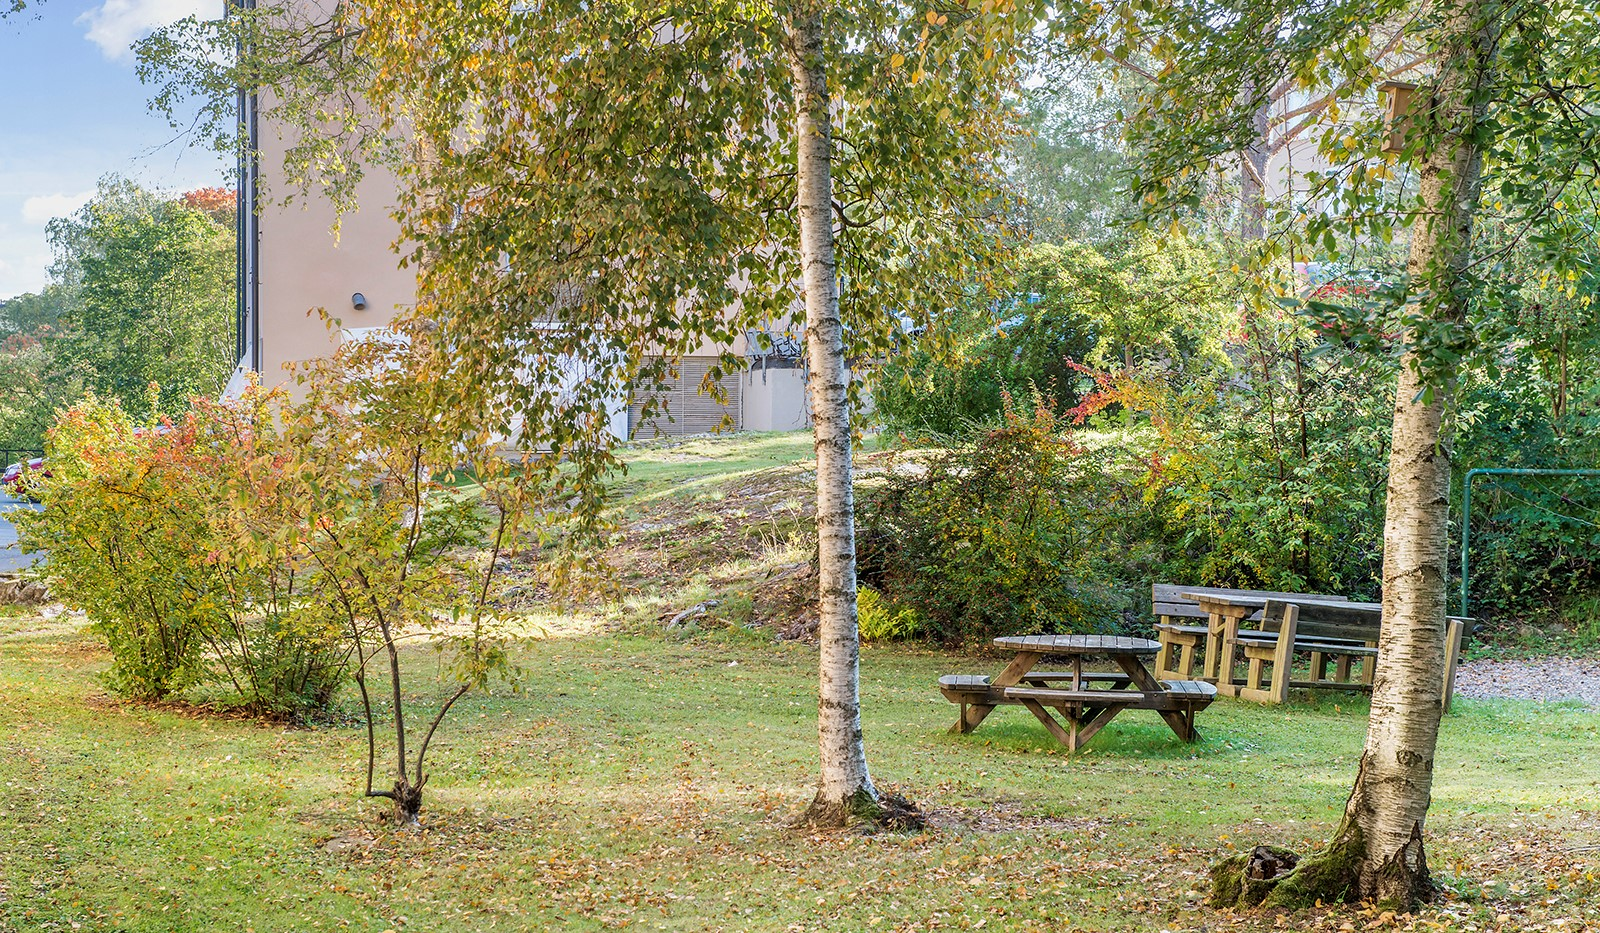 Kransbindarvägen 51 - Föreningens lummiga trädgård med grillmöjligheter